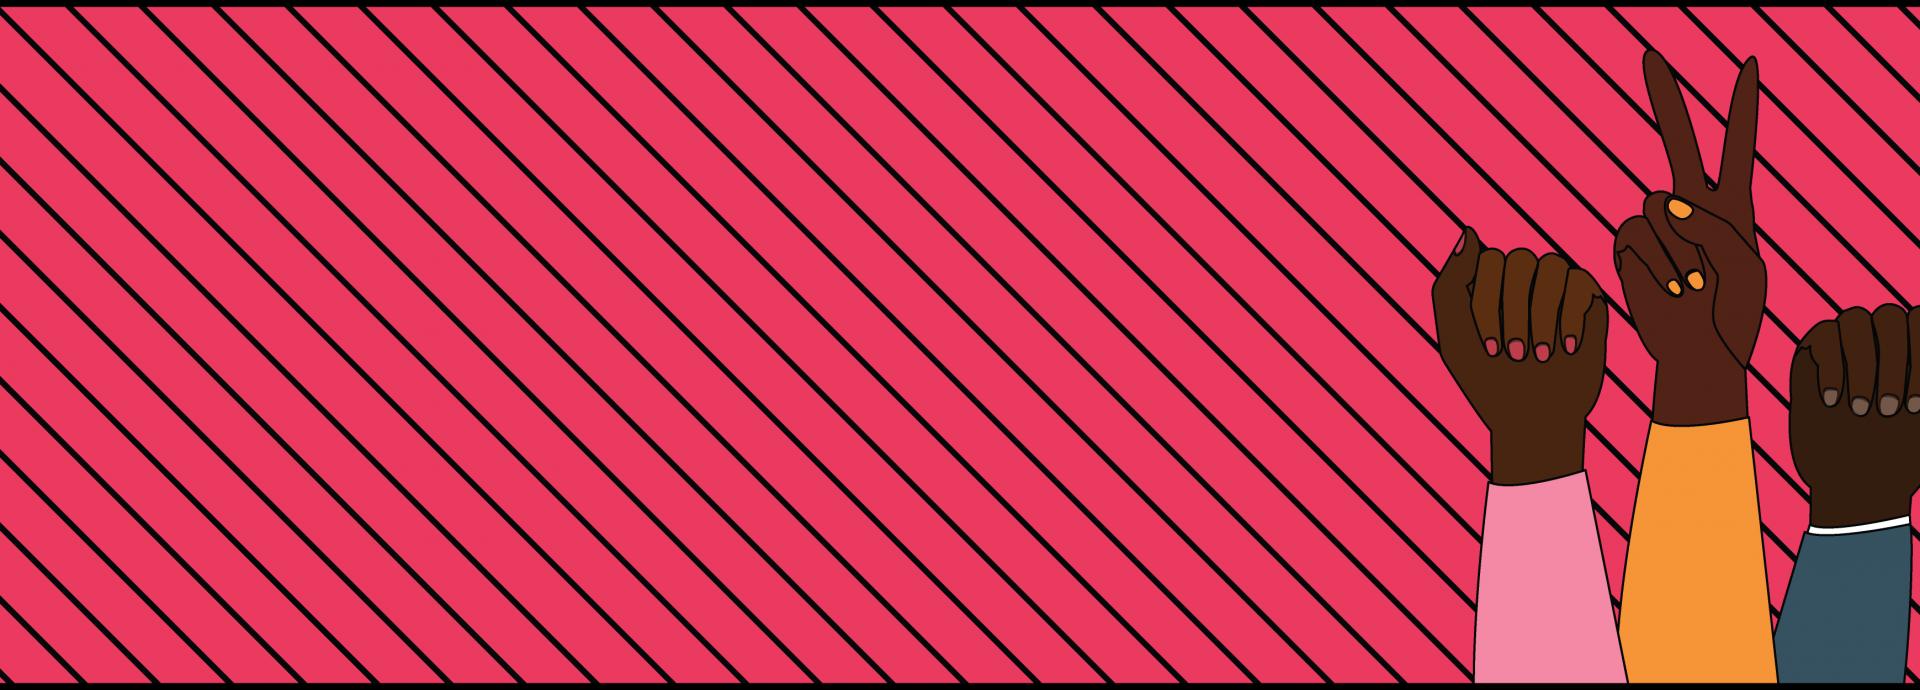 0521-b-anjsr-senegal